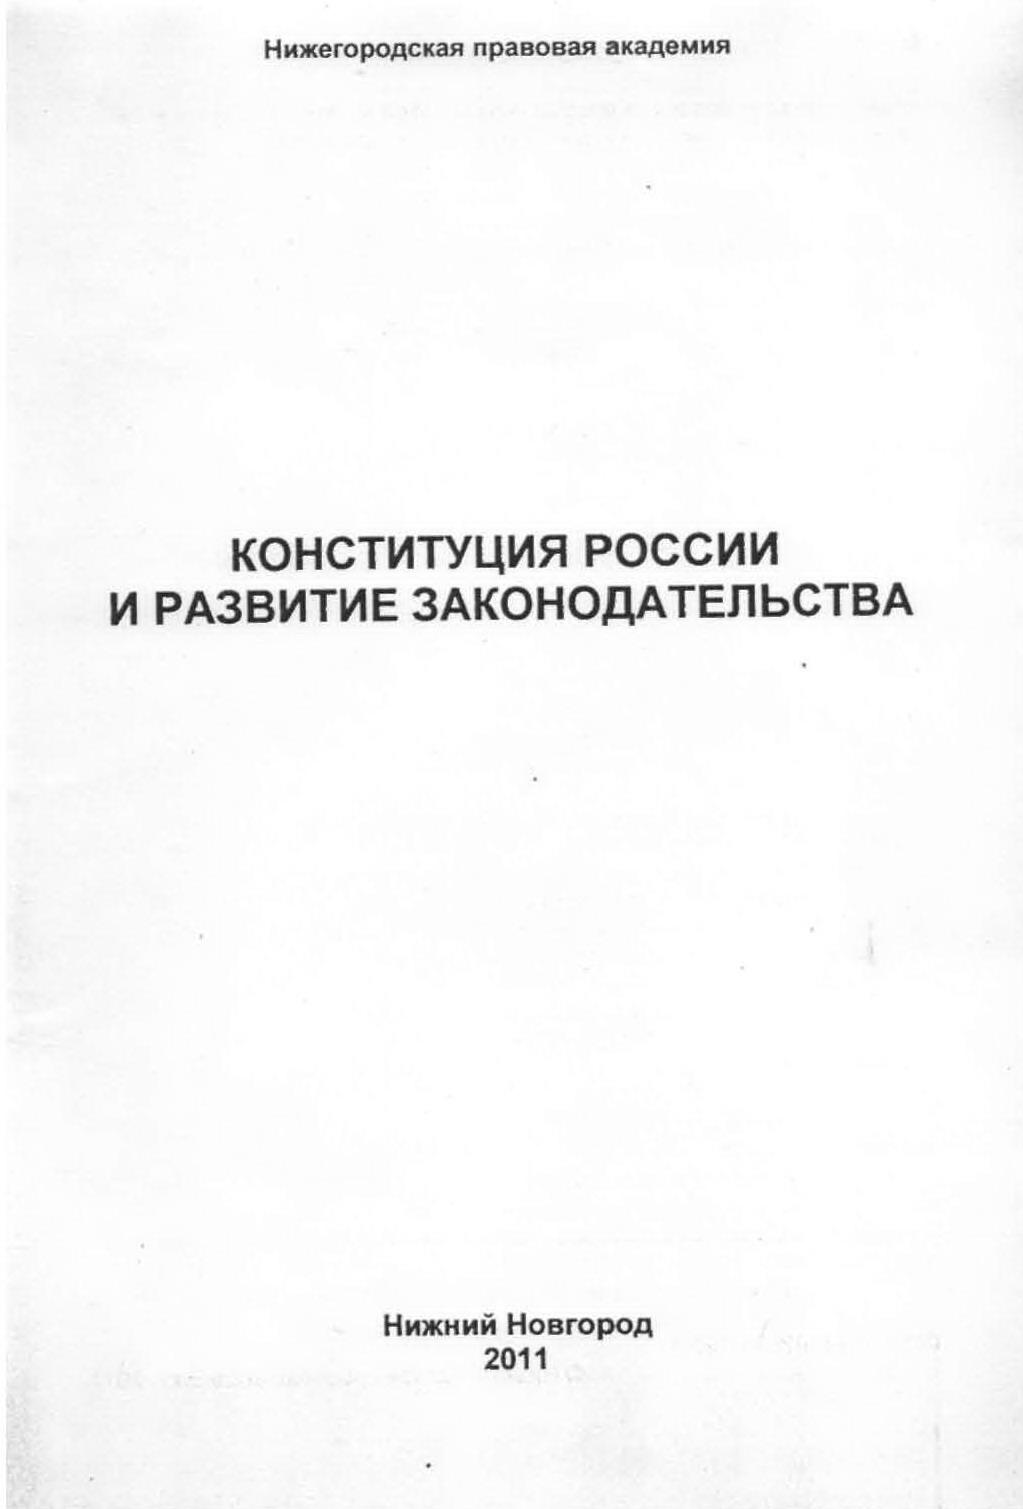 Конституционное Собрание Российской Федерации как орган, обладающий государственно-властными полномочиями